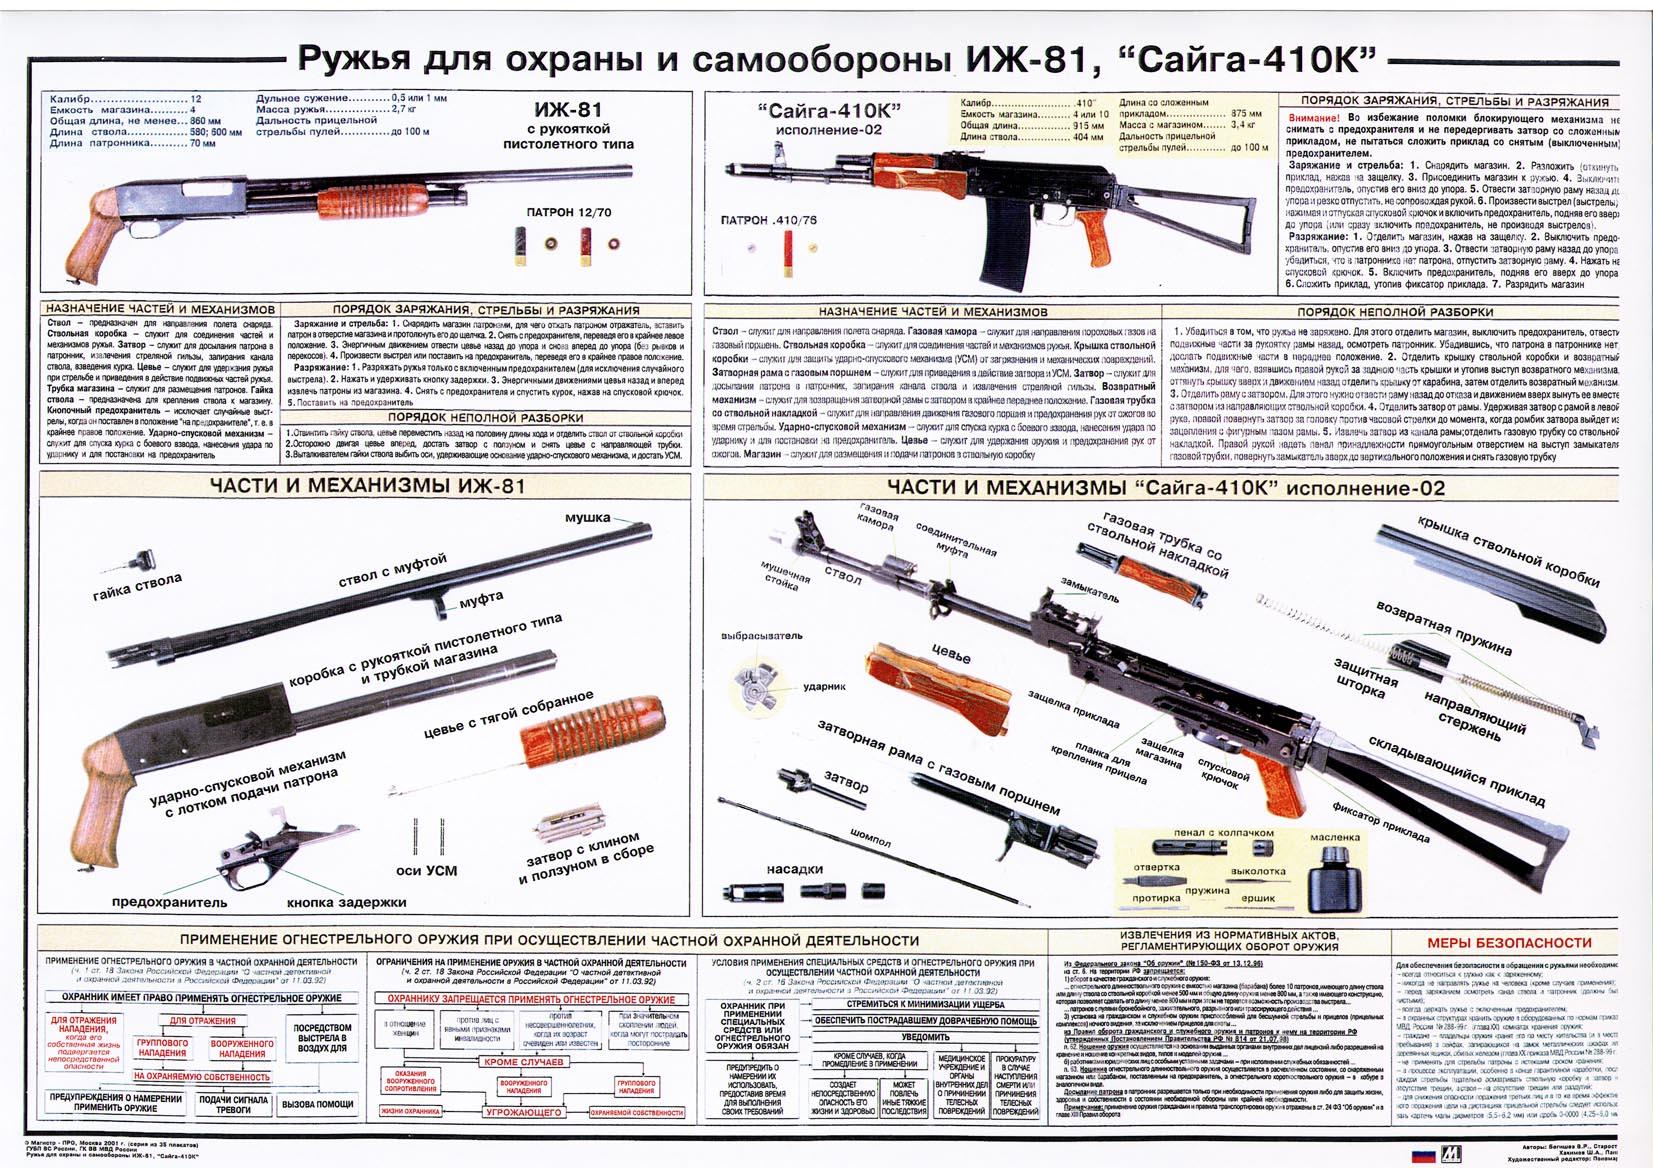 ОХОТНИЧЬИ РУЖЬЯ ИЖ-81